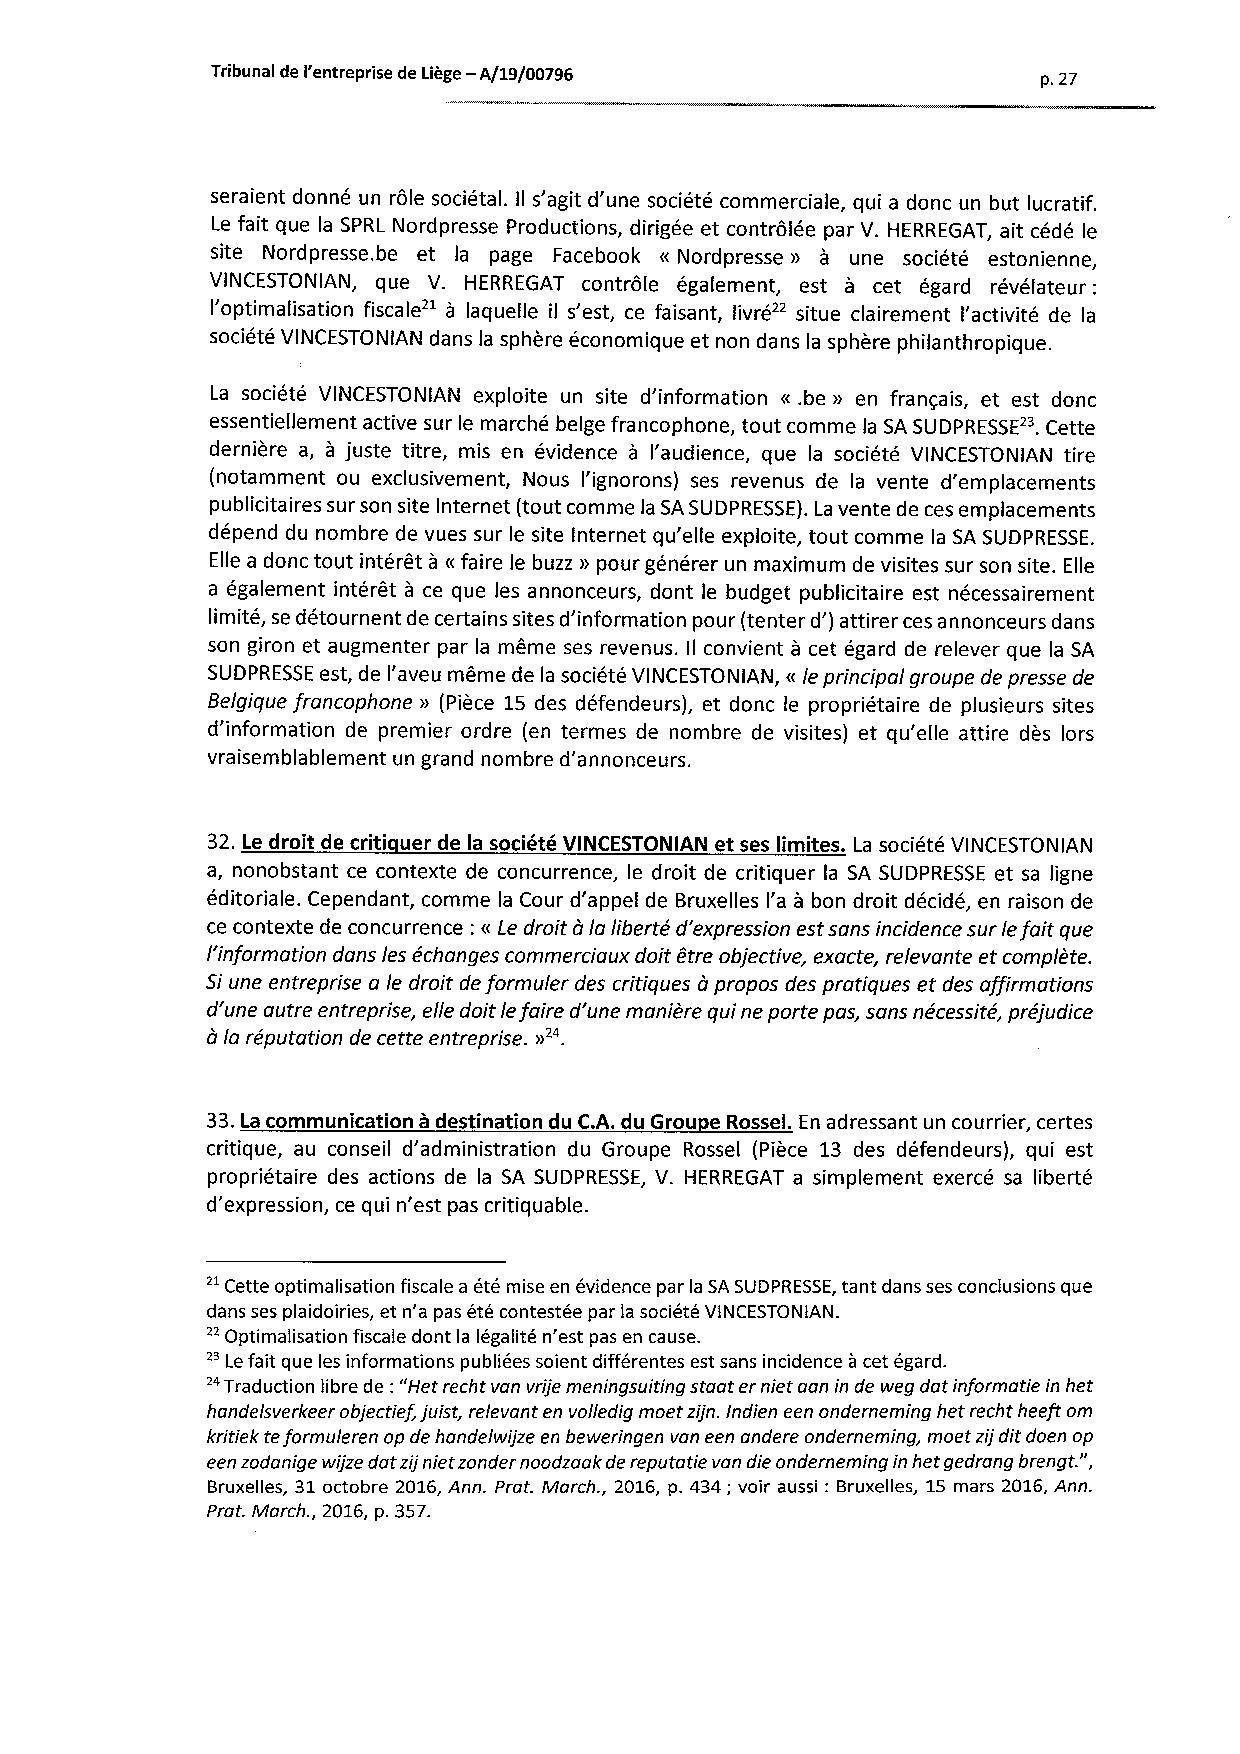 2020 01 10 SUD PRESSE c HERREGAT V et VINCESTONIAN SDE PLC (A-19-00796) aud 6-12-2019-page-027